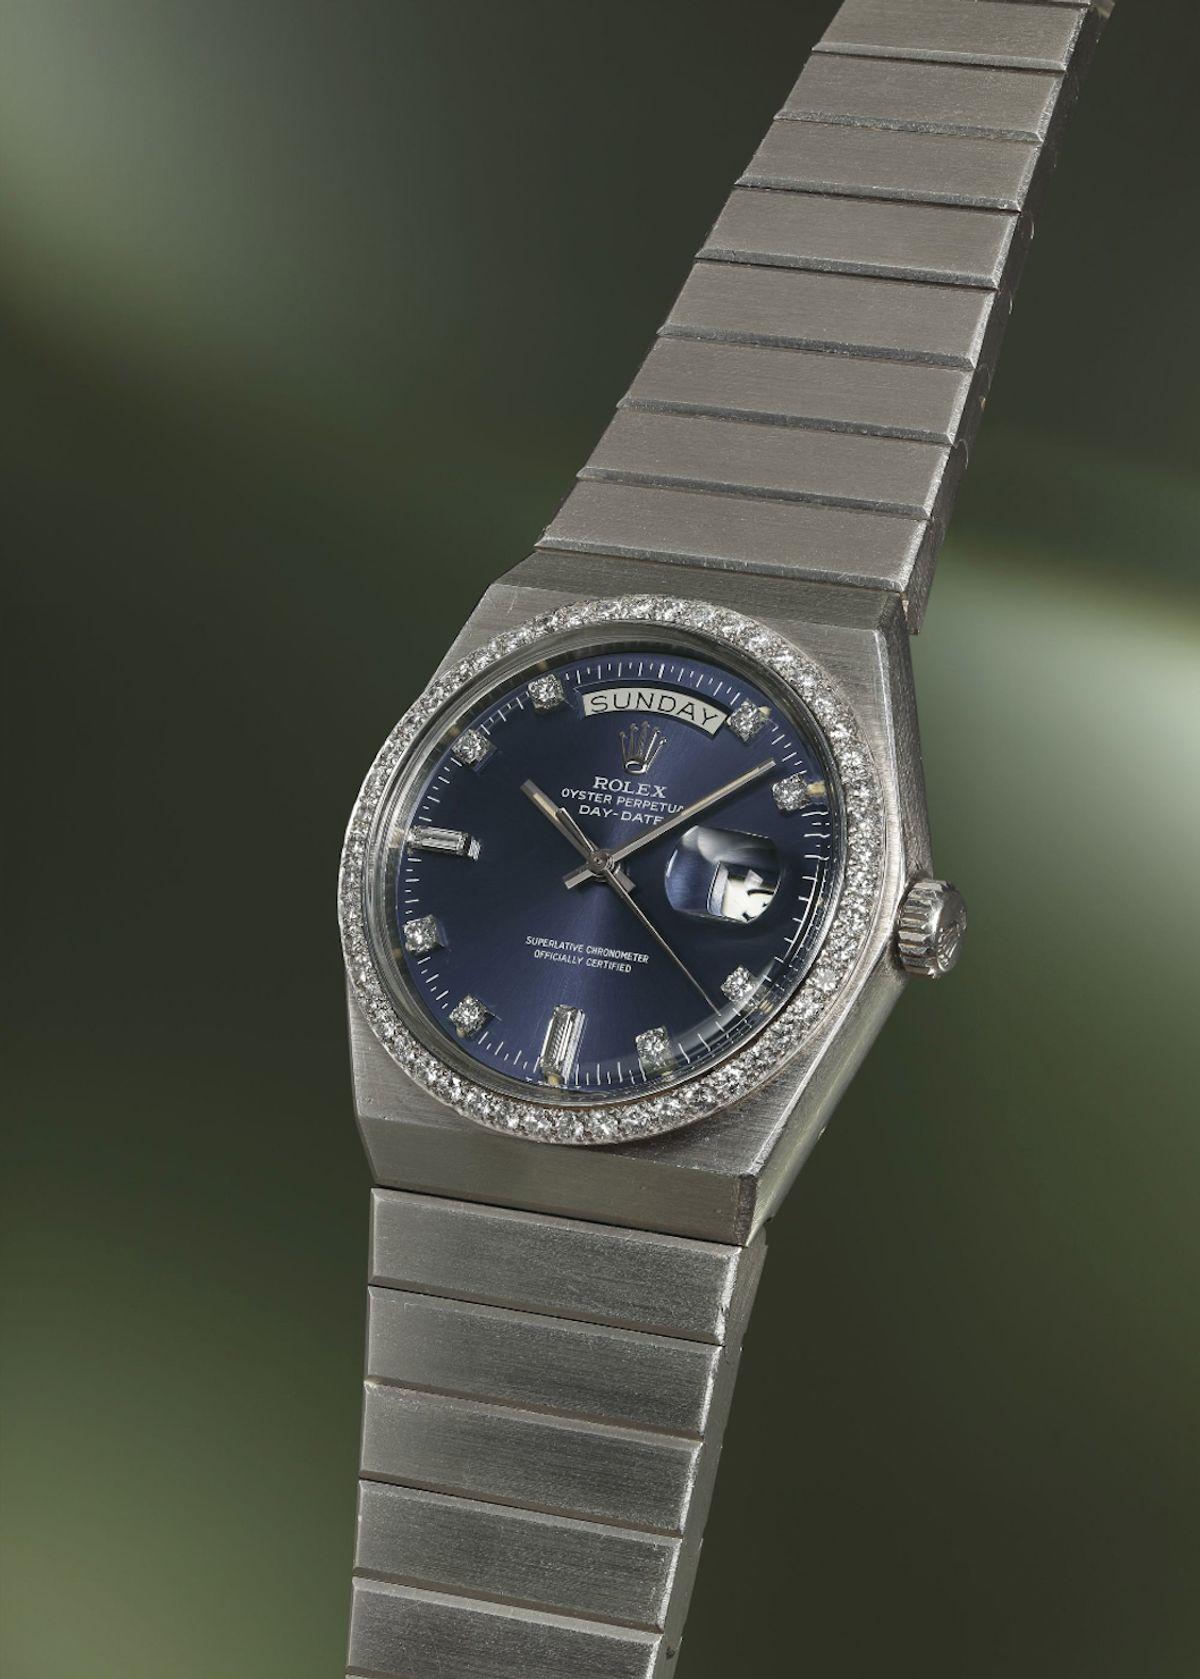 Most Unusual Rolex Watches Rolex Day-Date 1831 Platinum